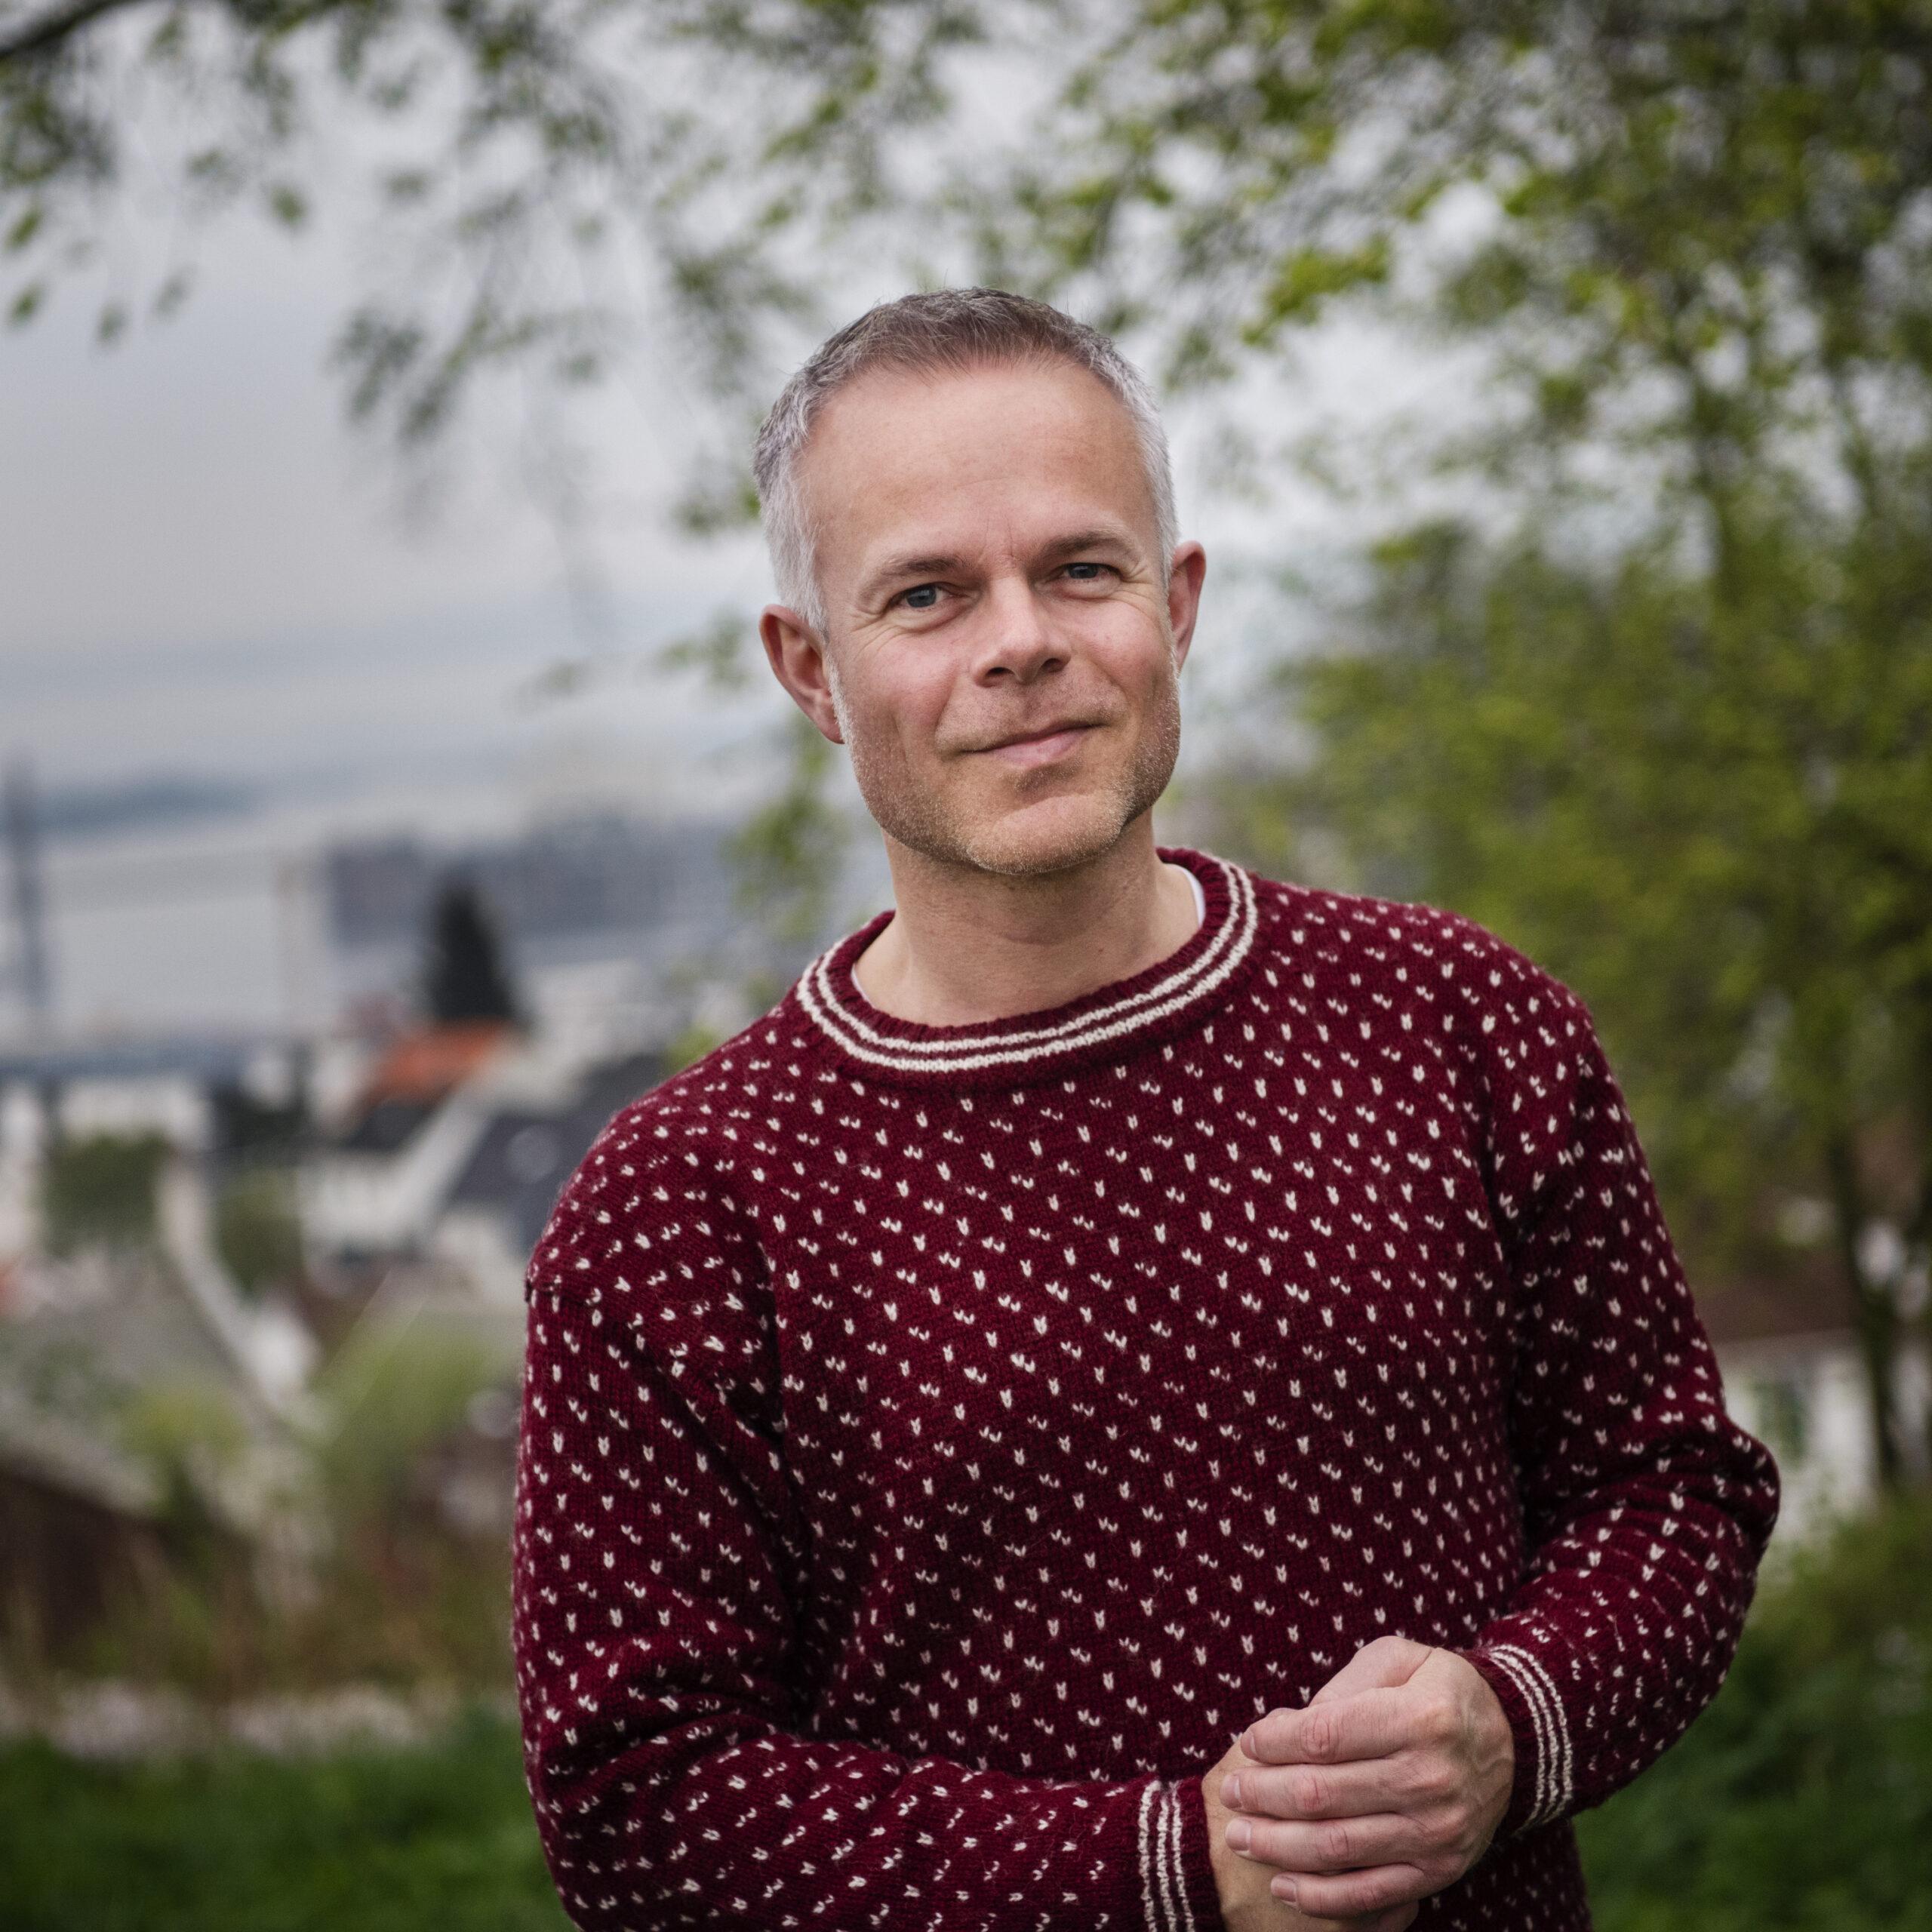 Bilete av Tore Renberg.